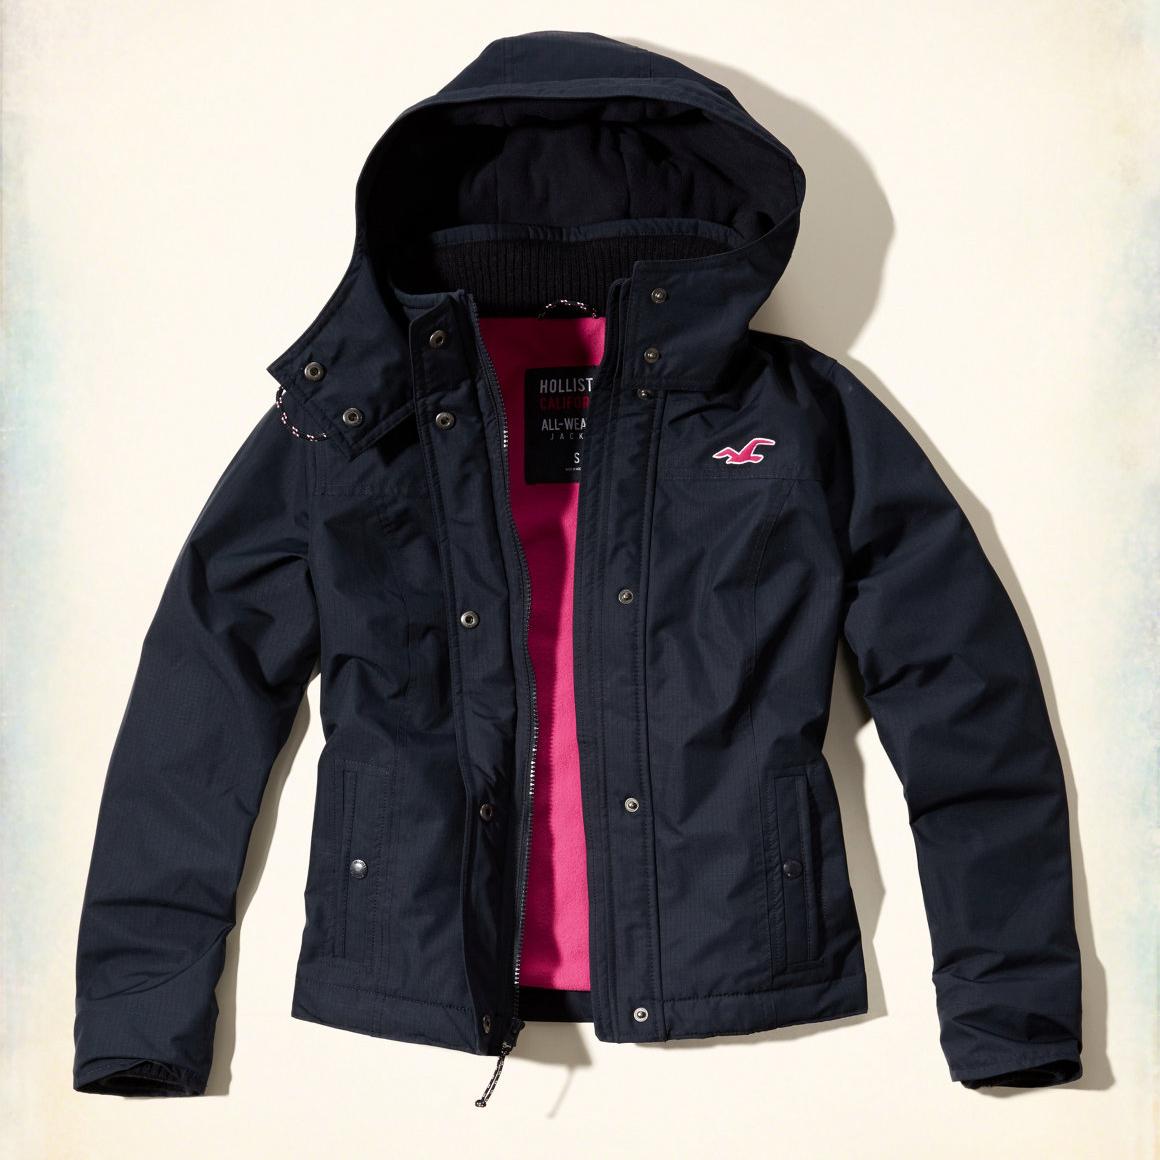 美國百分百【Hollister Co.】風衣 外套 HCO 連帽 夾克 海鷗 刷毛 深藍 女 S M號 G252